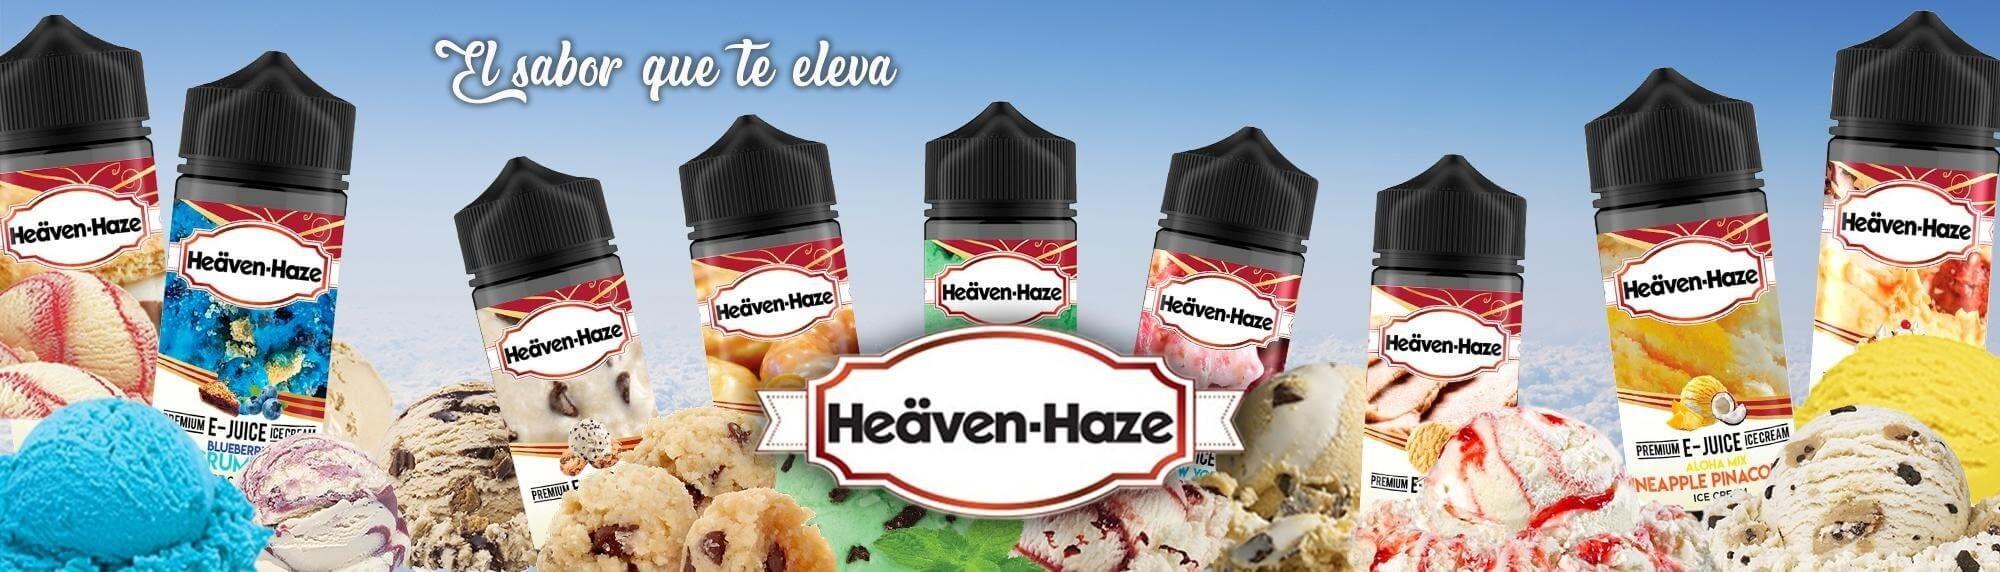 Haven Haze